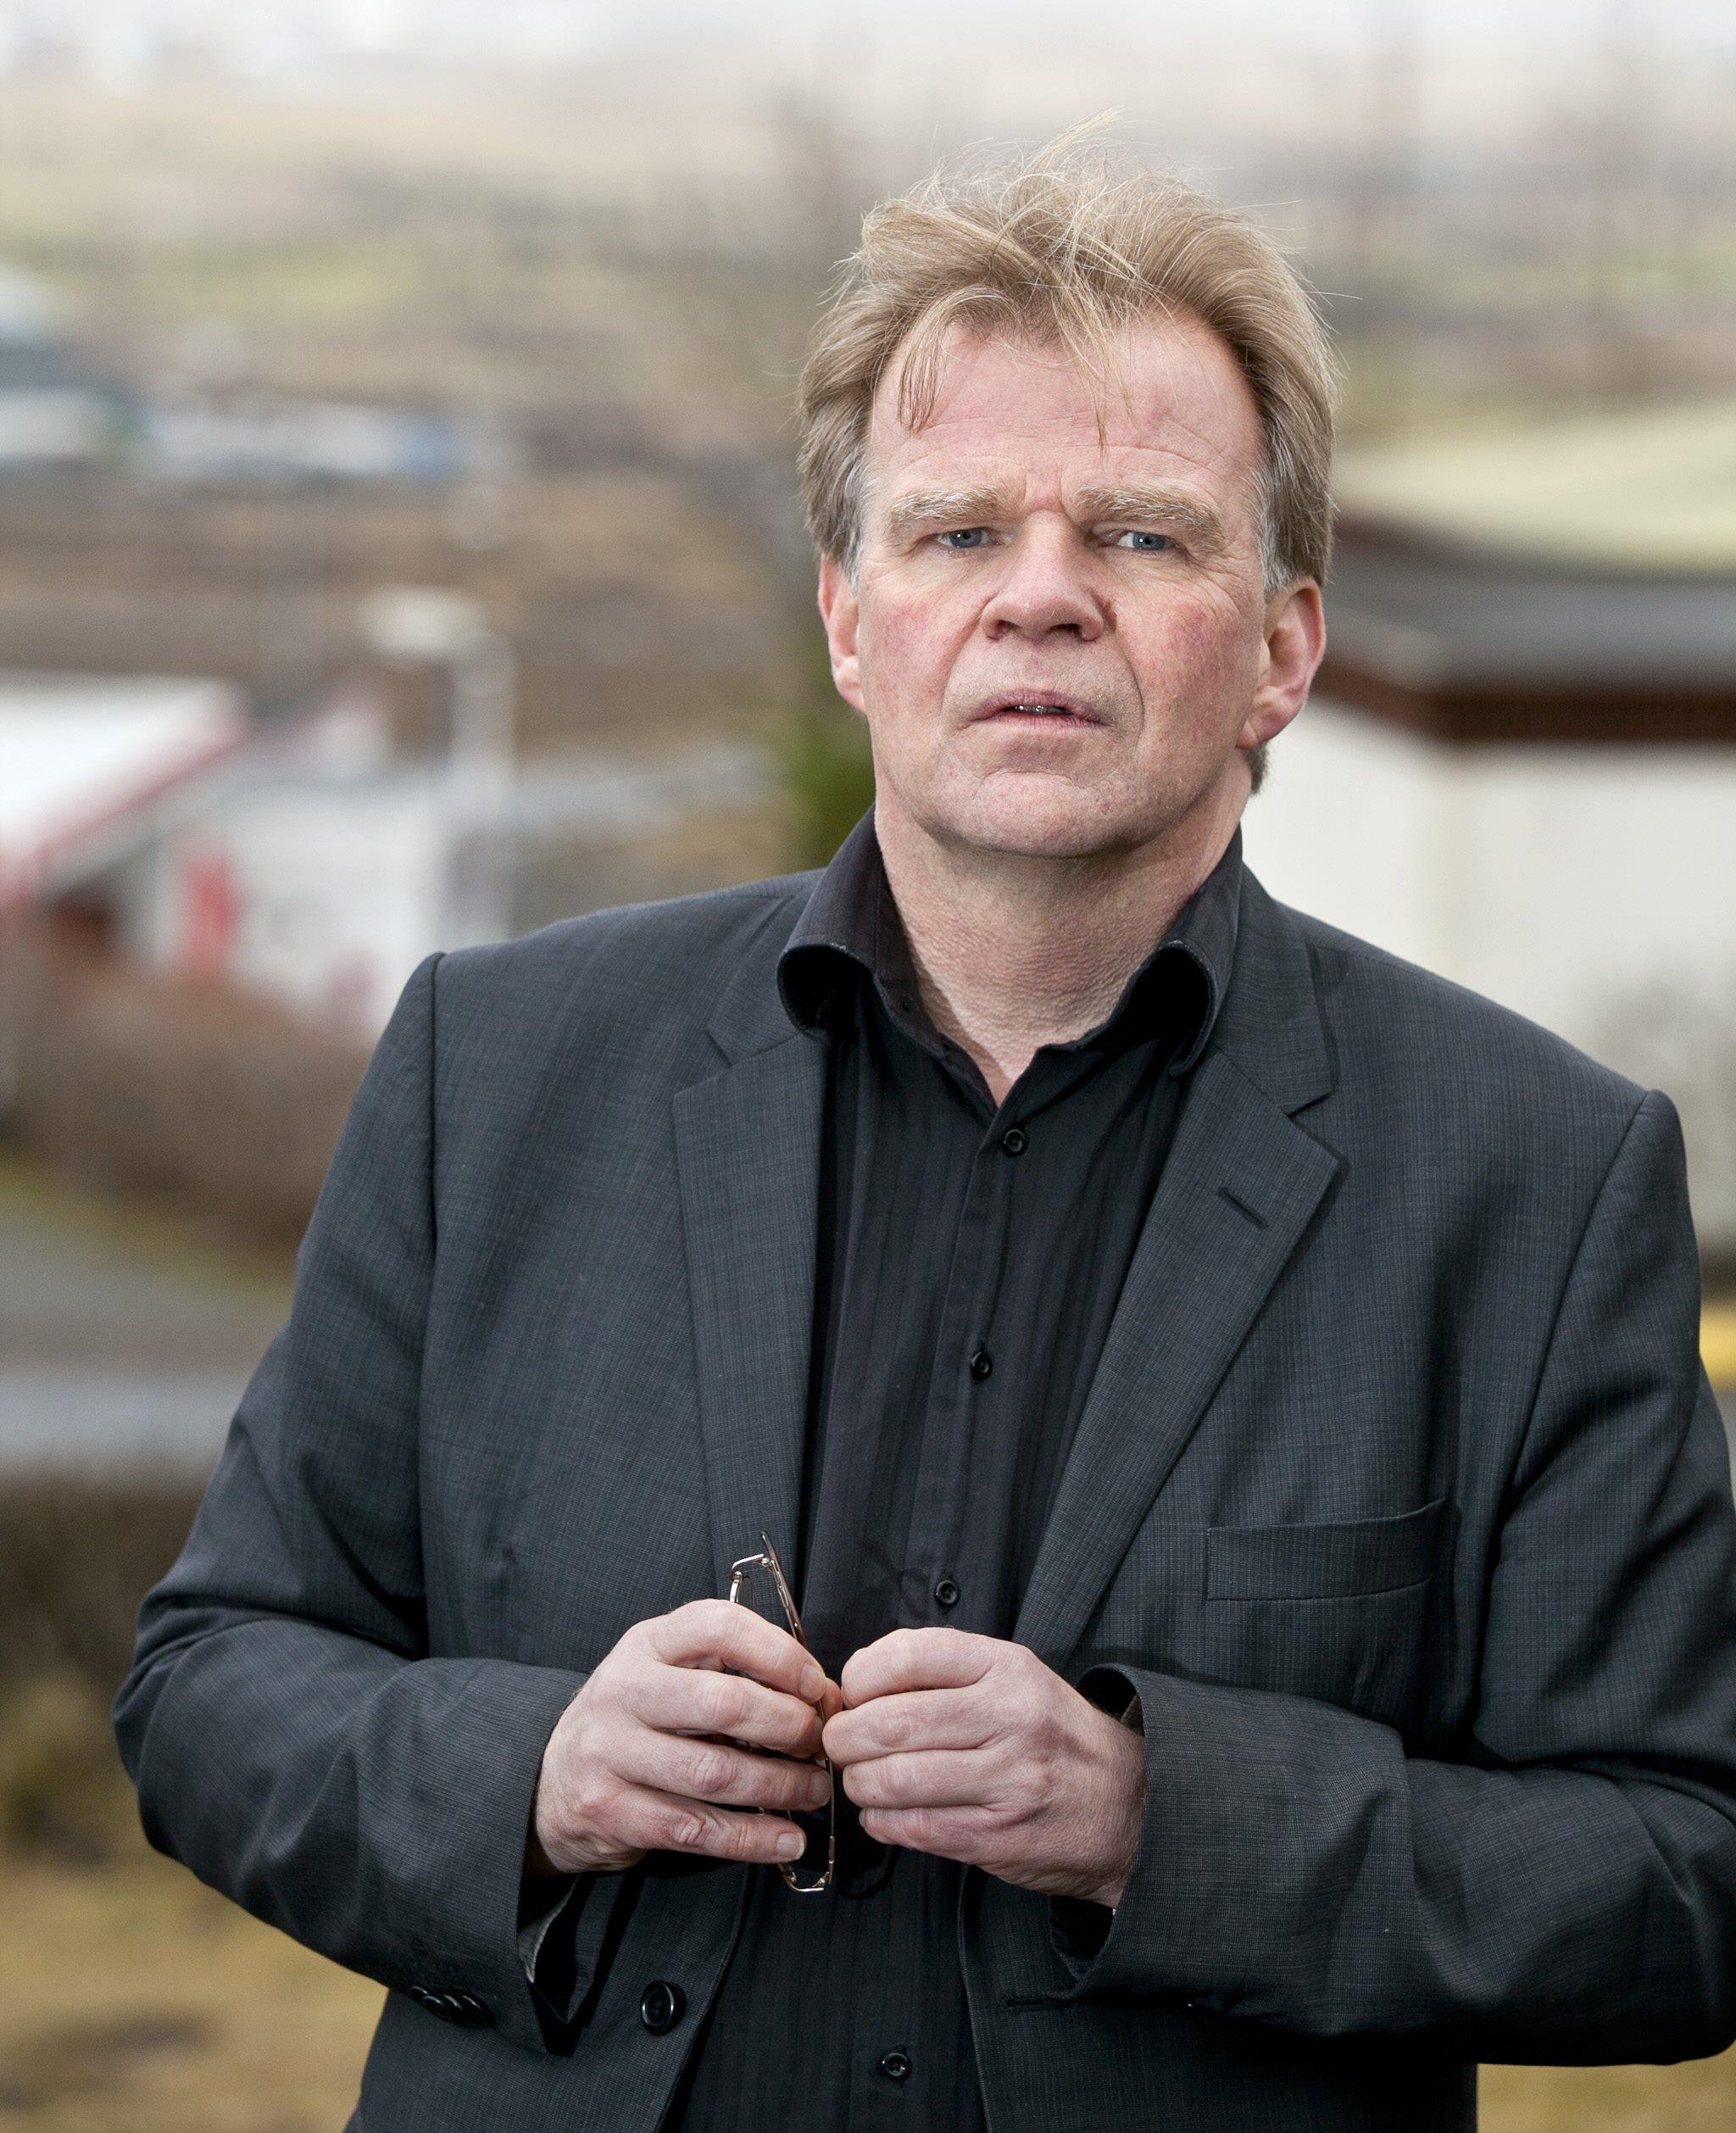 Einar Már Guðmundsson, pasfotos, store forfattere, universets engle, island, samlede værker, lindhardt og ringhof, nordisk råds litteraturpris